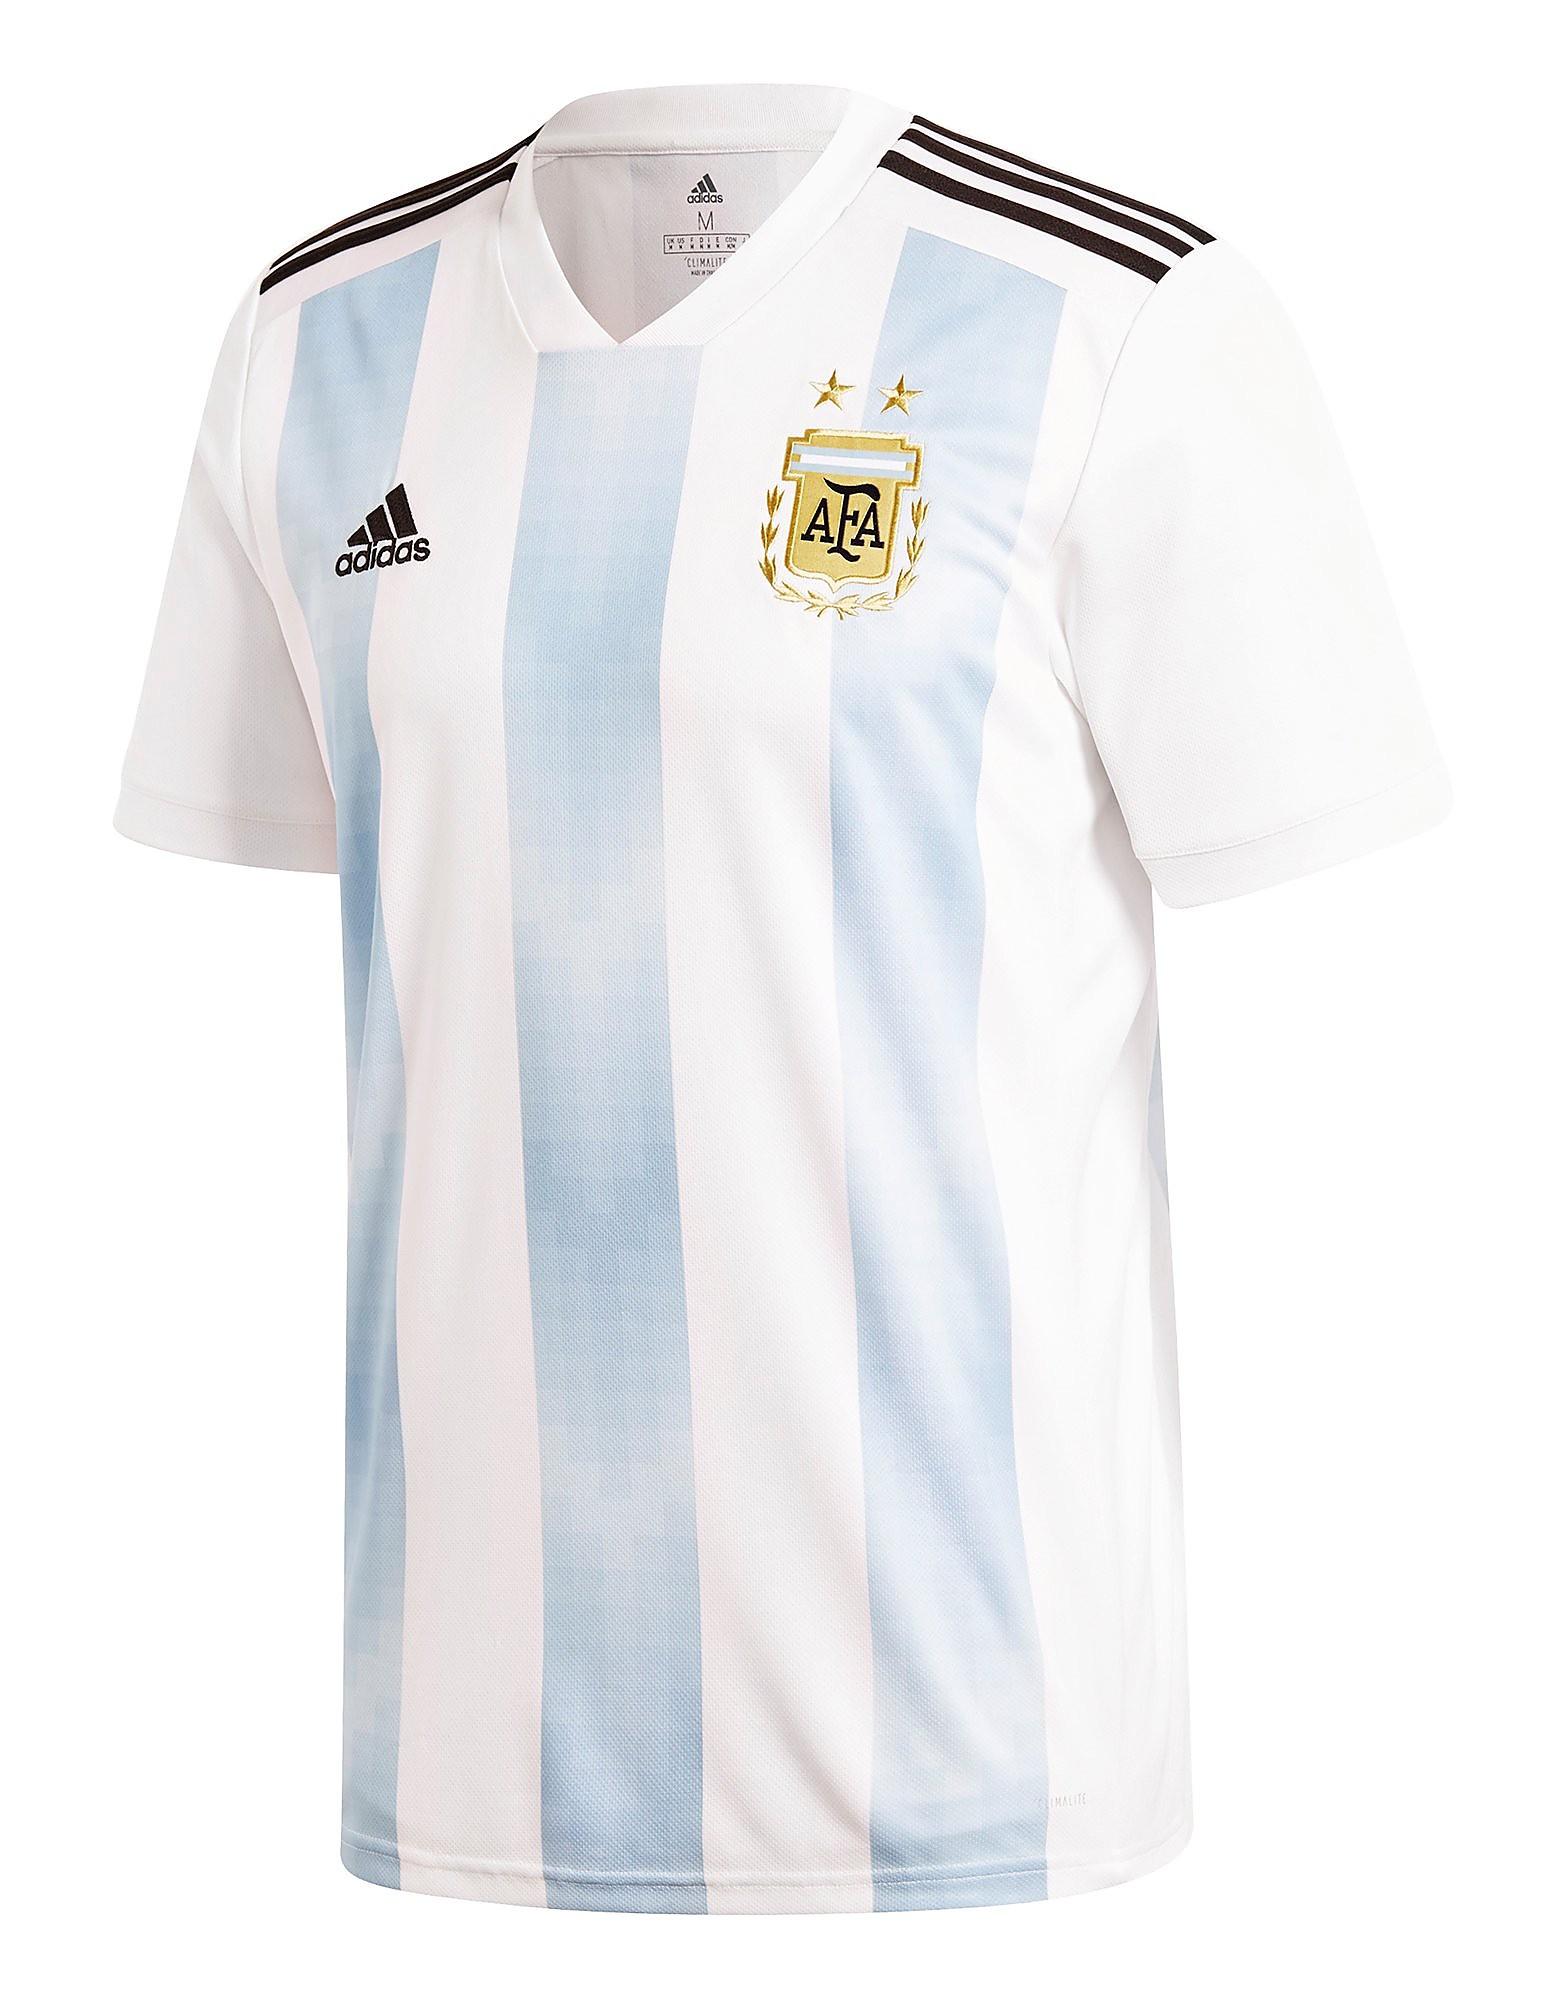 adidas Argentina 2018 Home Shirt Junior PRE ORDER